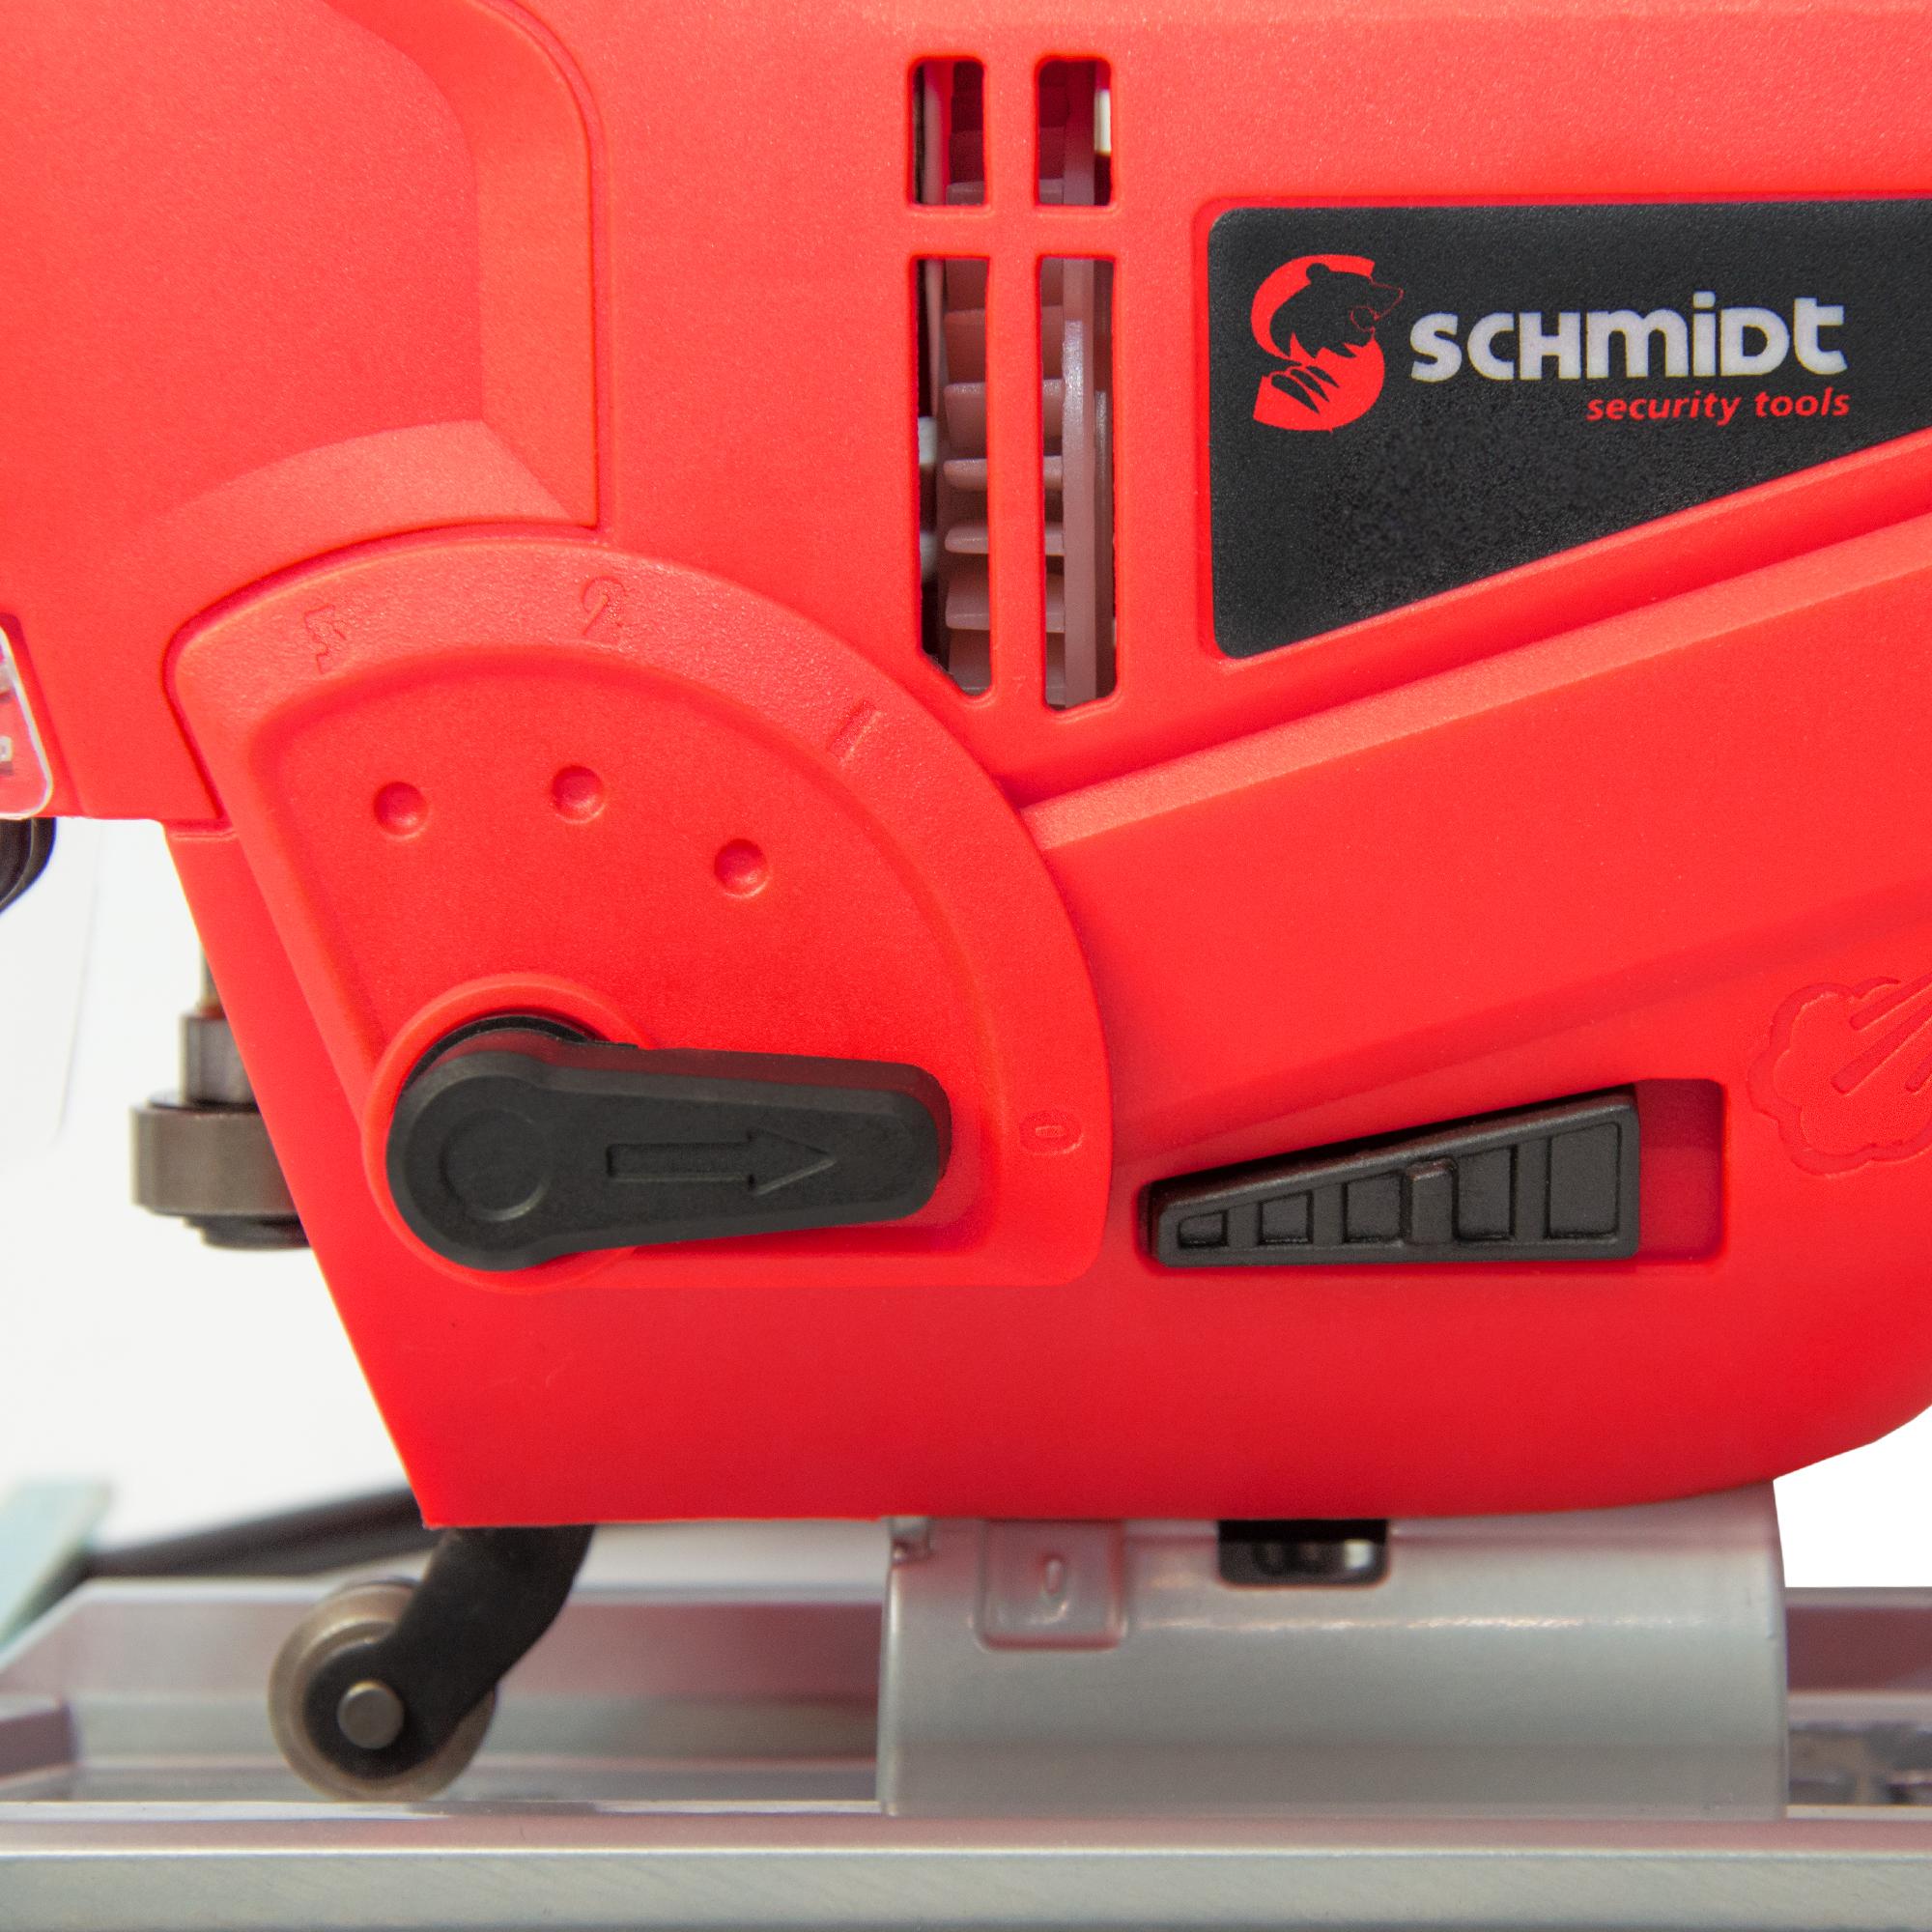 SCHMIDT security tools Stichsäge JS-800 mit Laserführung und LED-Licht 800W